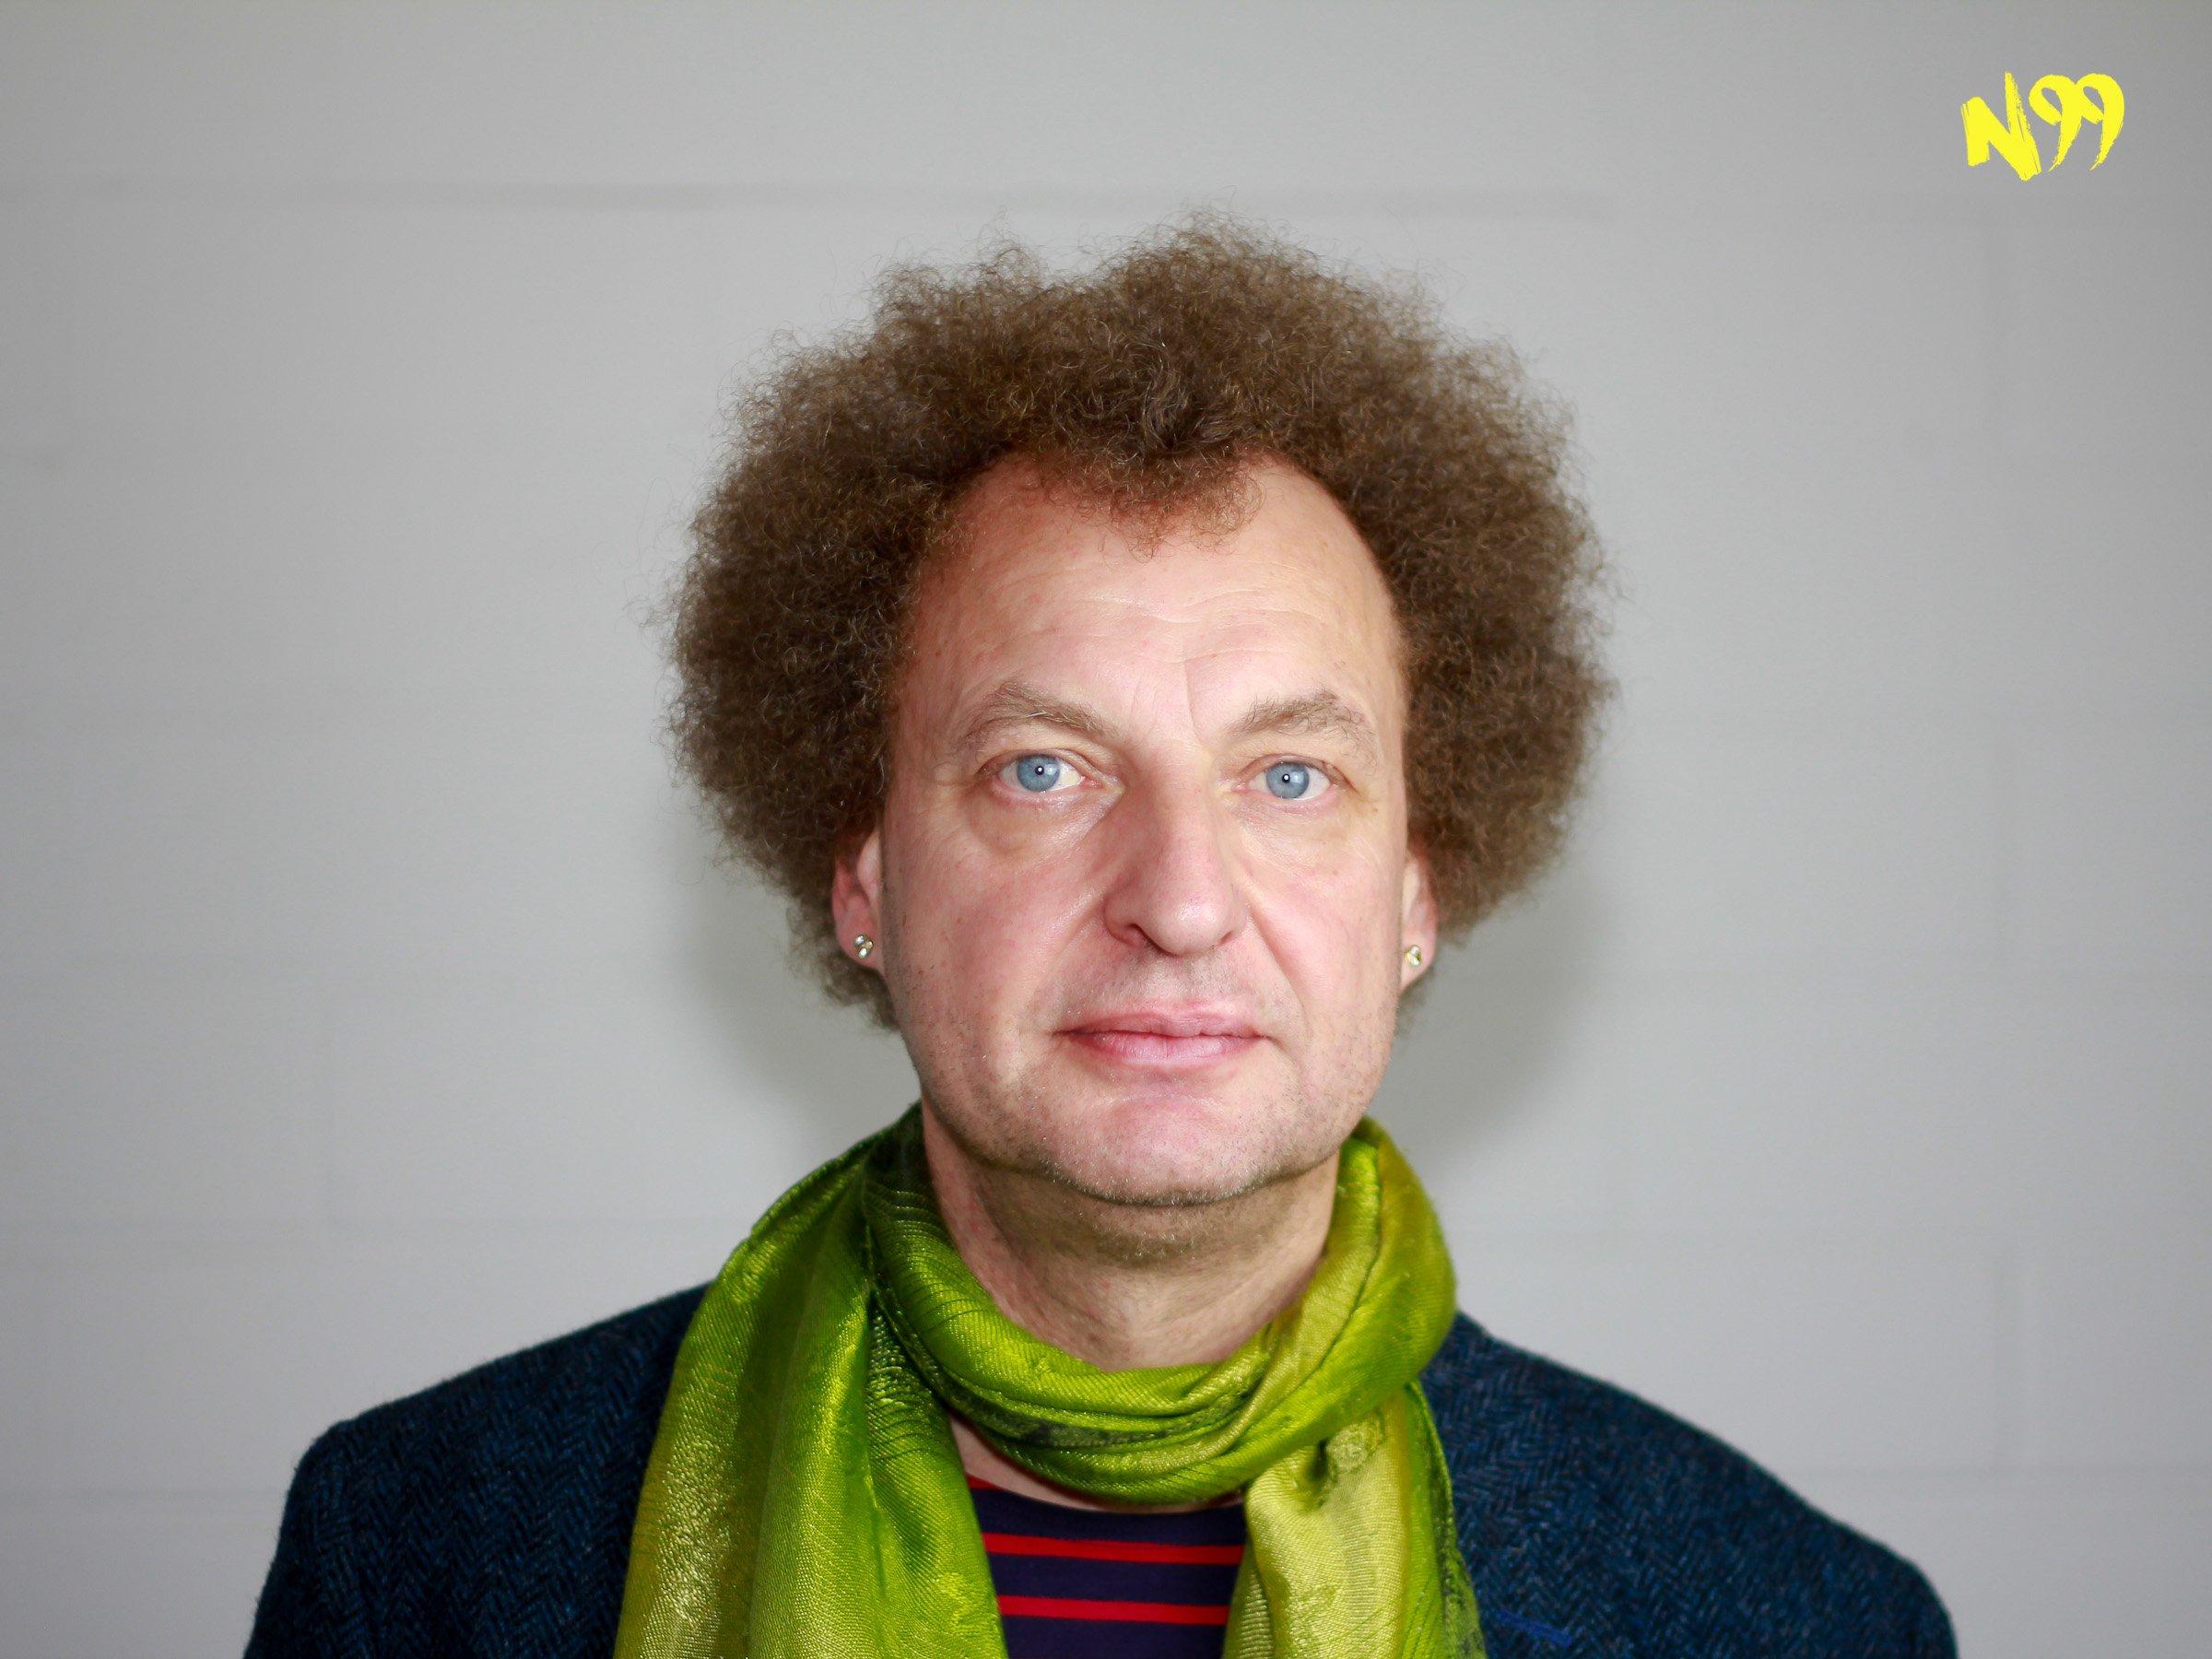 """N99   Jan Peter Bremer über Kommunikationsprobleme – """"Ich wollte einen unendlichen Streit inszenieren""""   detektor.fm"""